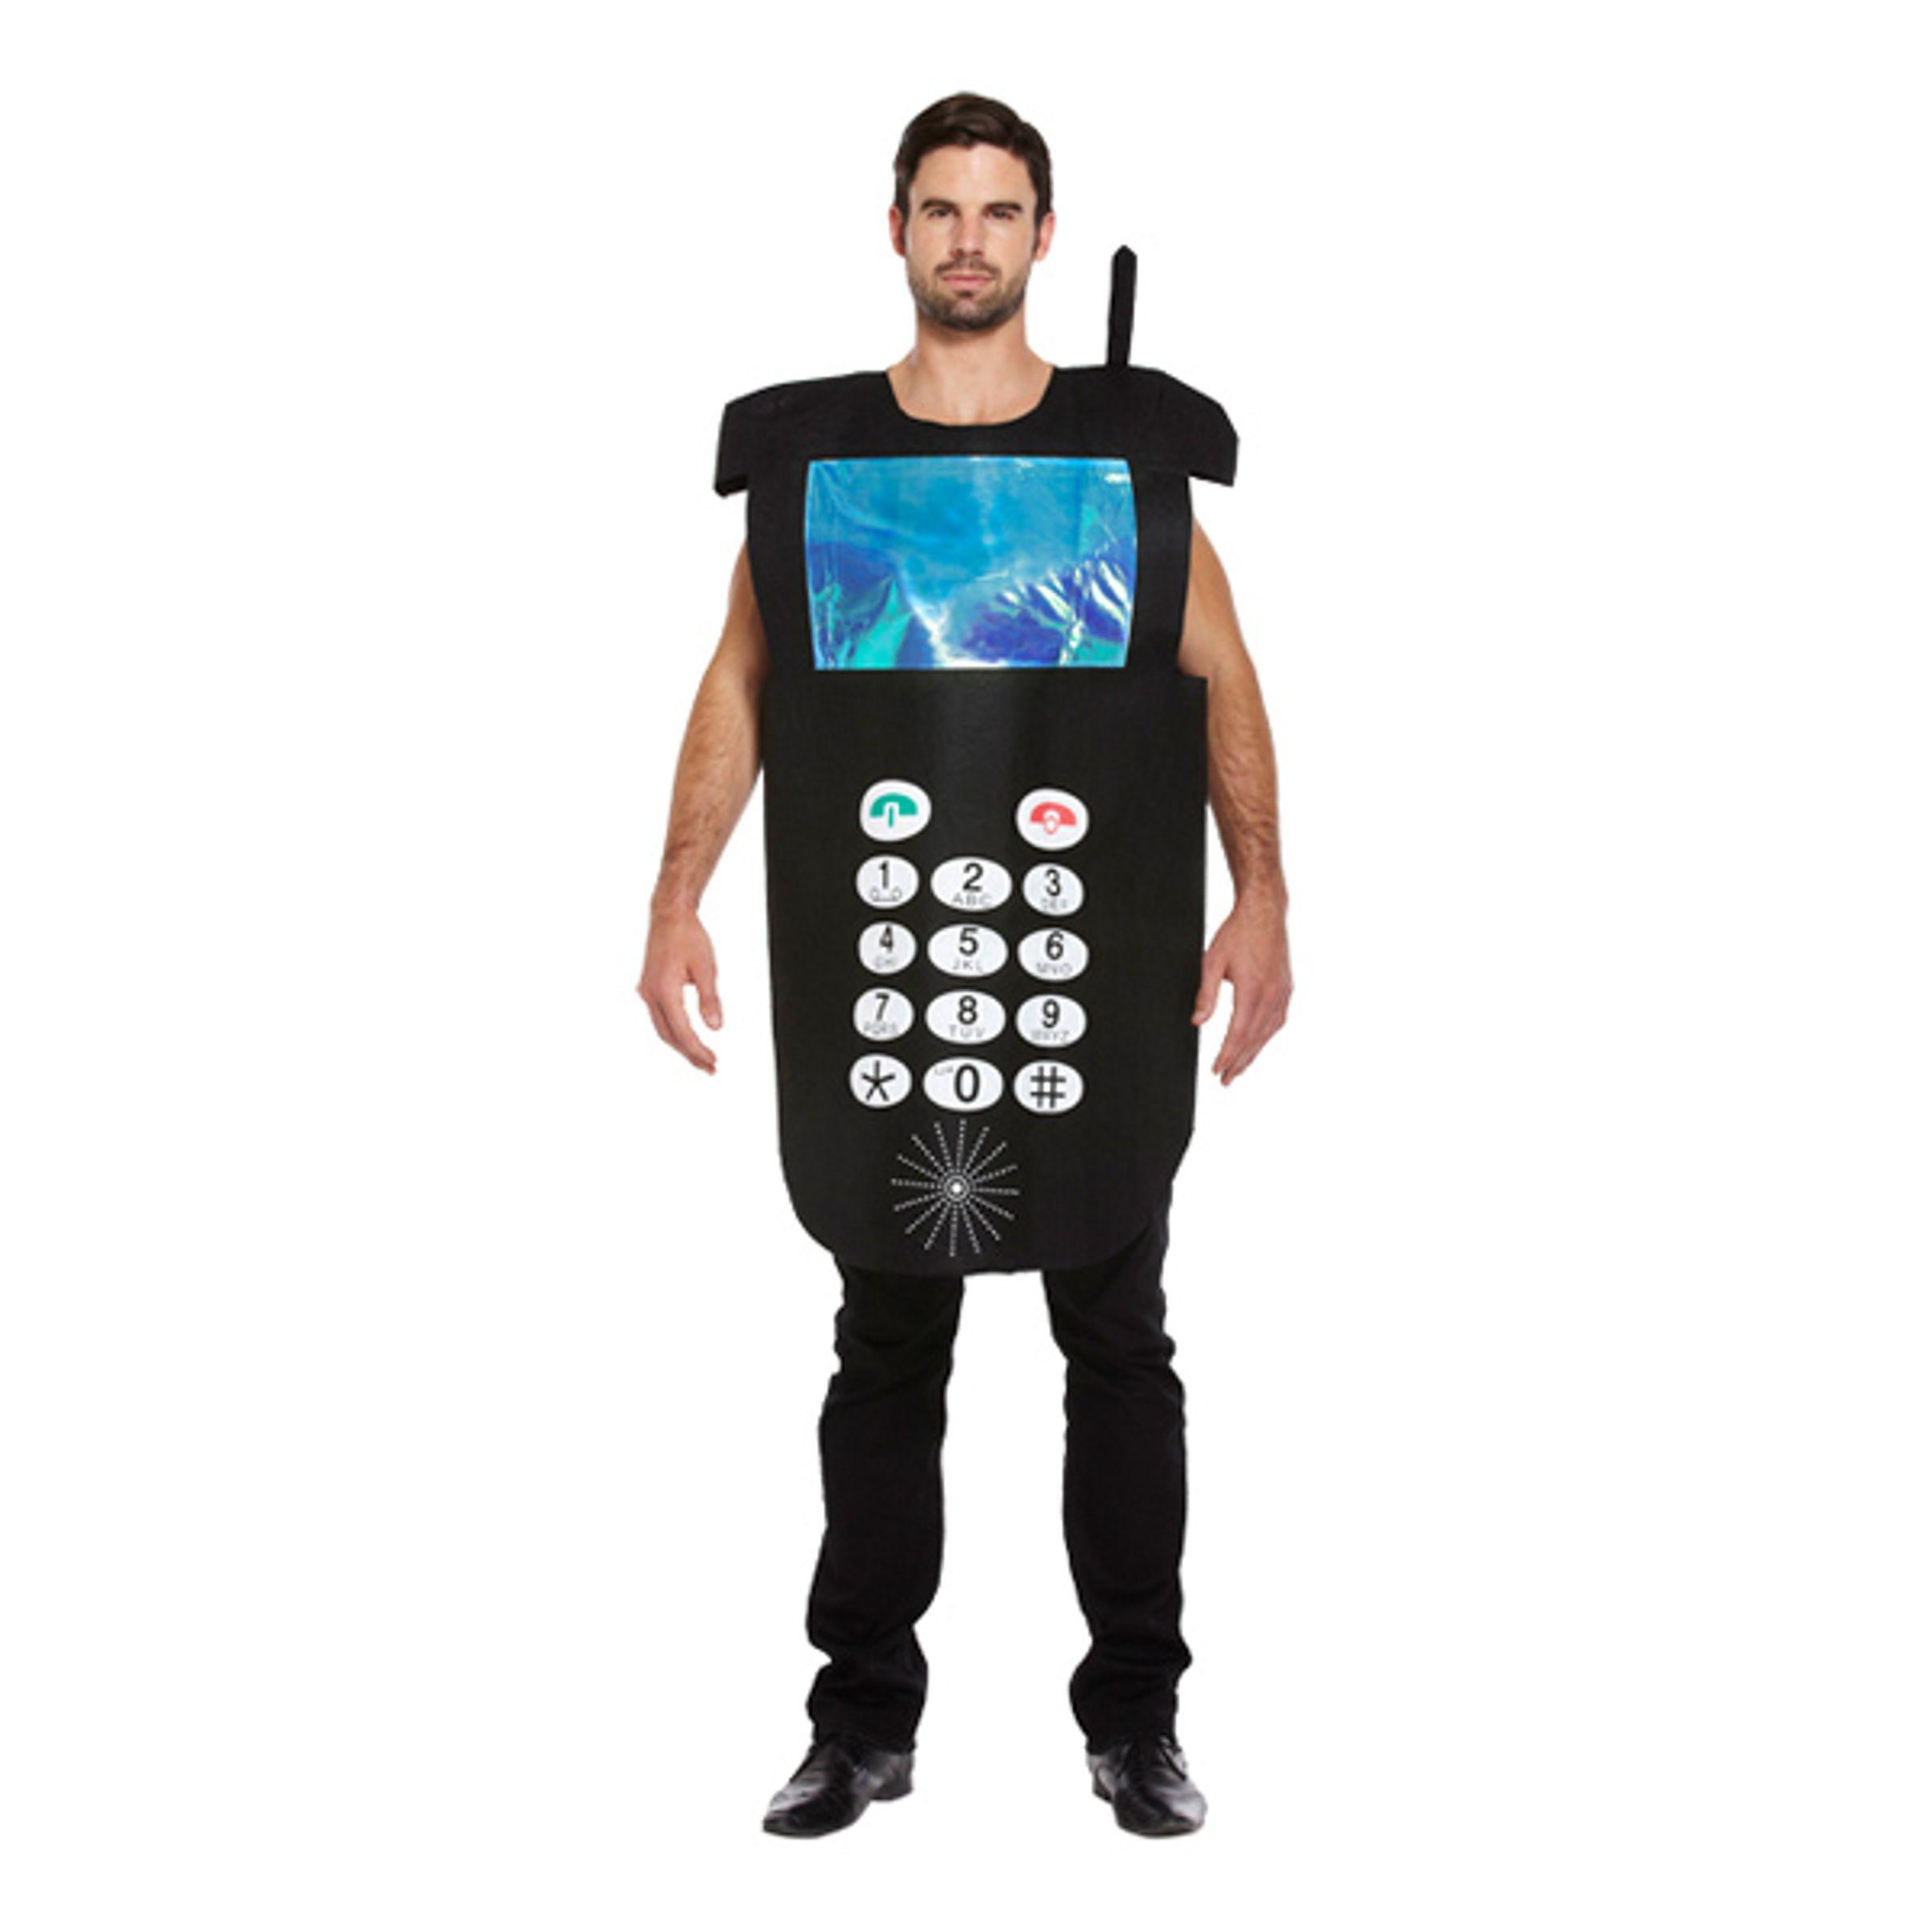 Mobiltelefon Maskeraddräkt - One size